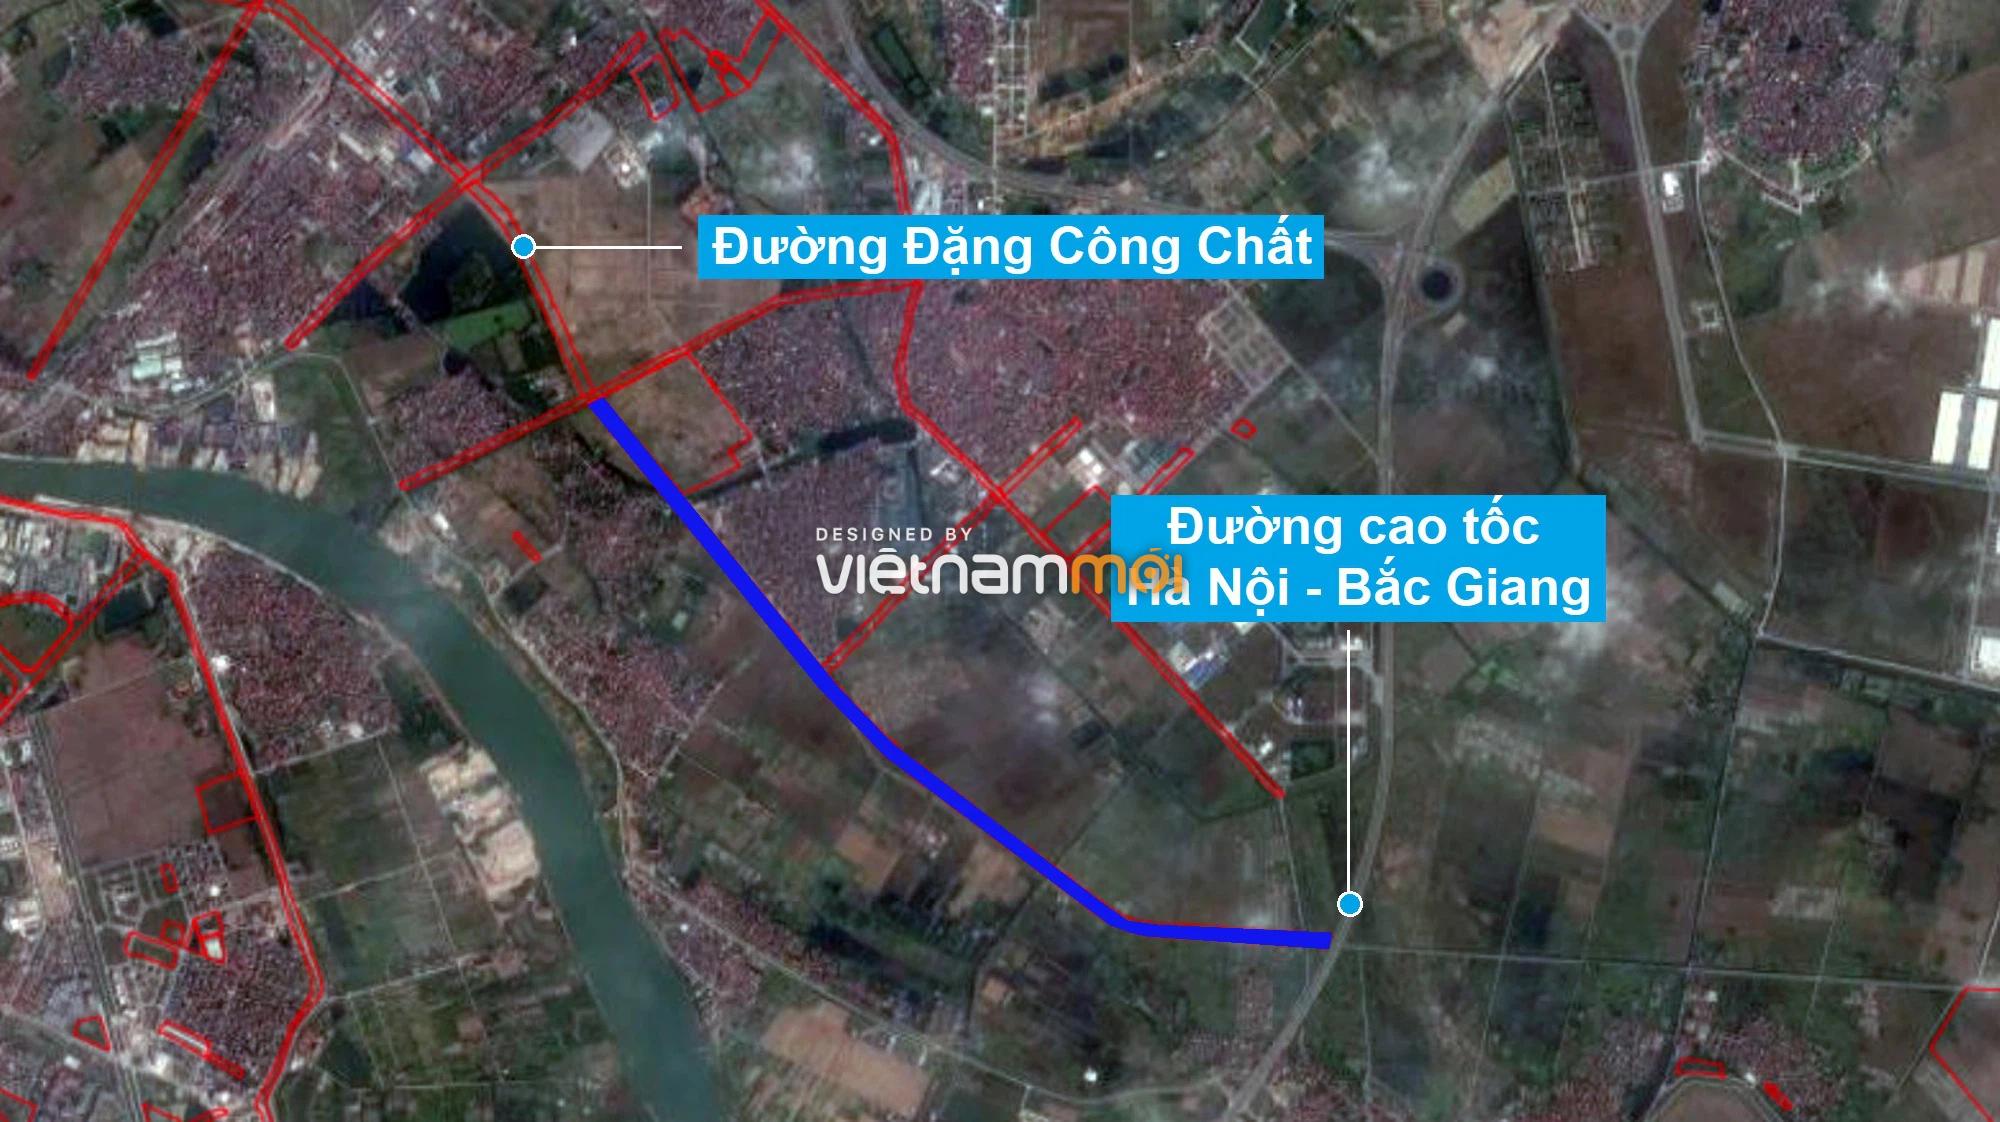 Những khu đất sắp thu hồi để mở đường ở huyện Gia Lâm, Hà Nội (phần 1) - Ảnh 2.